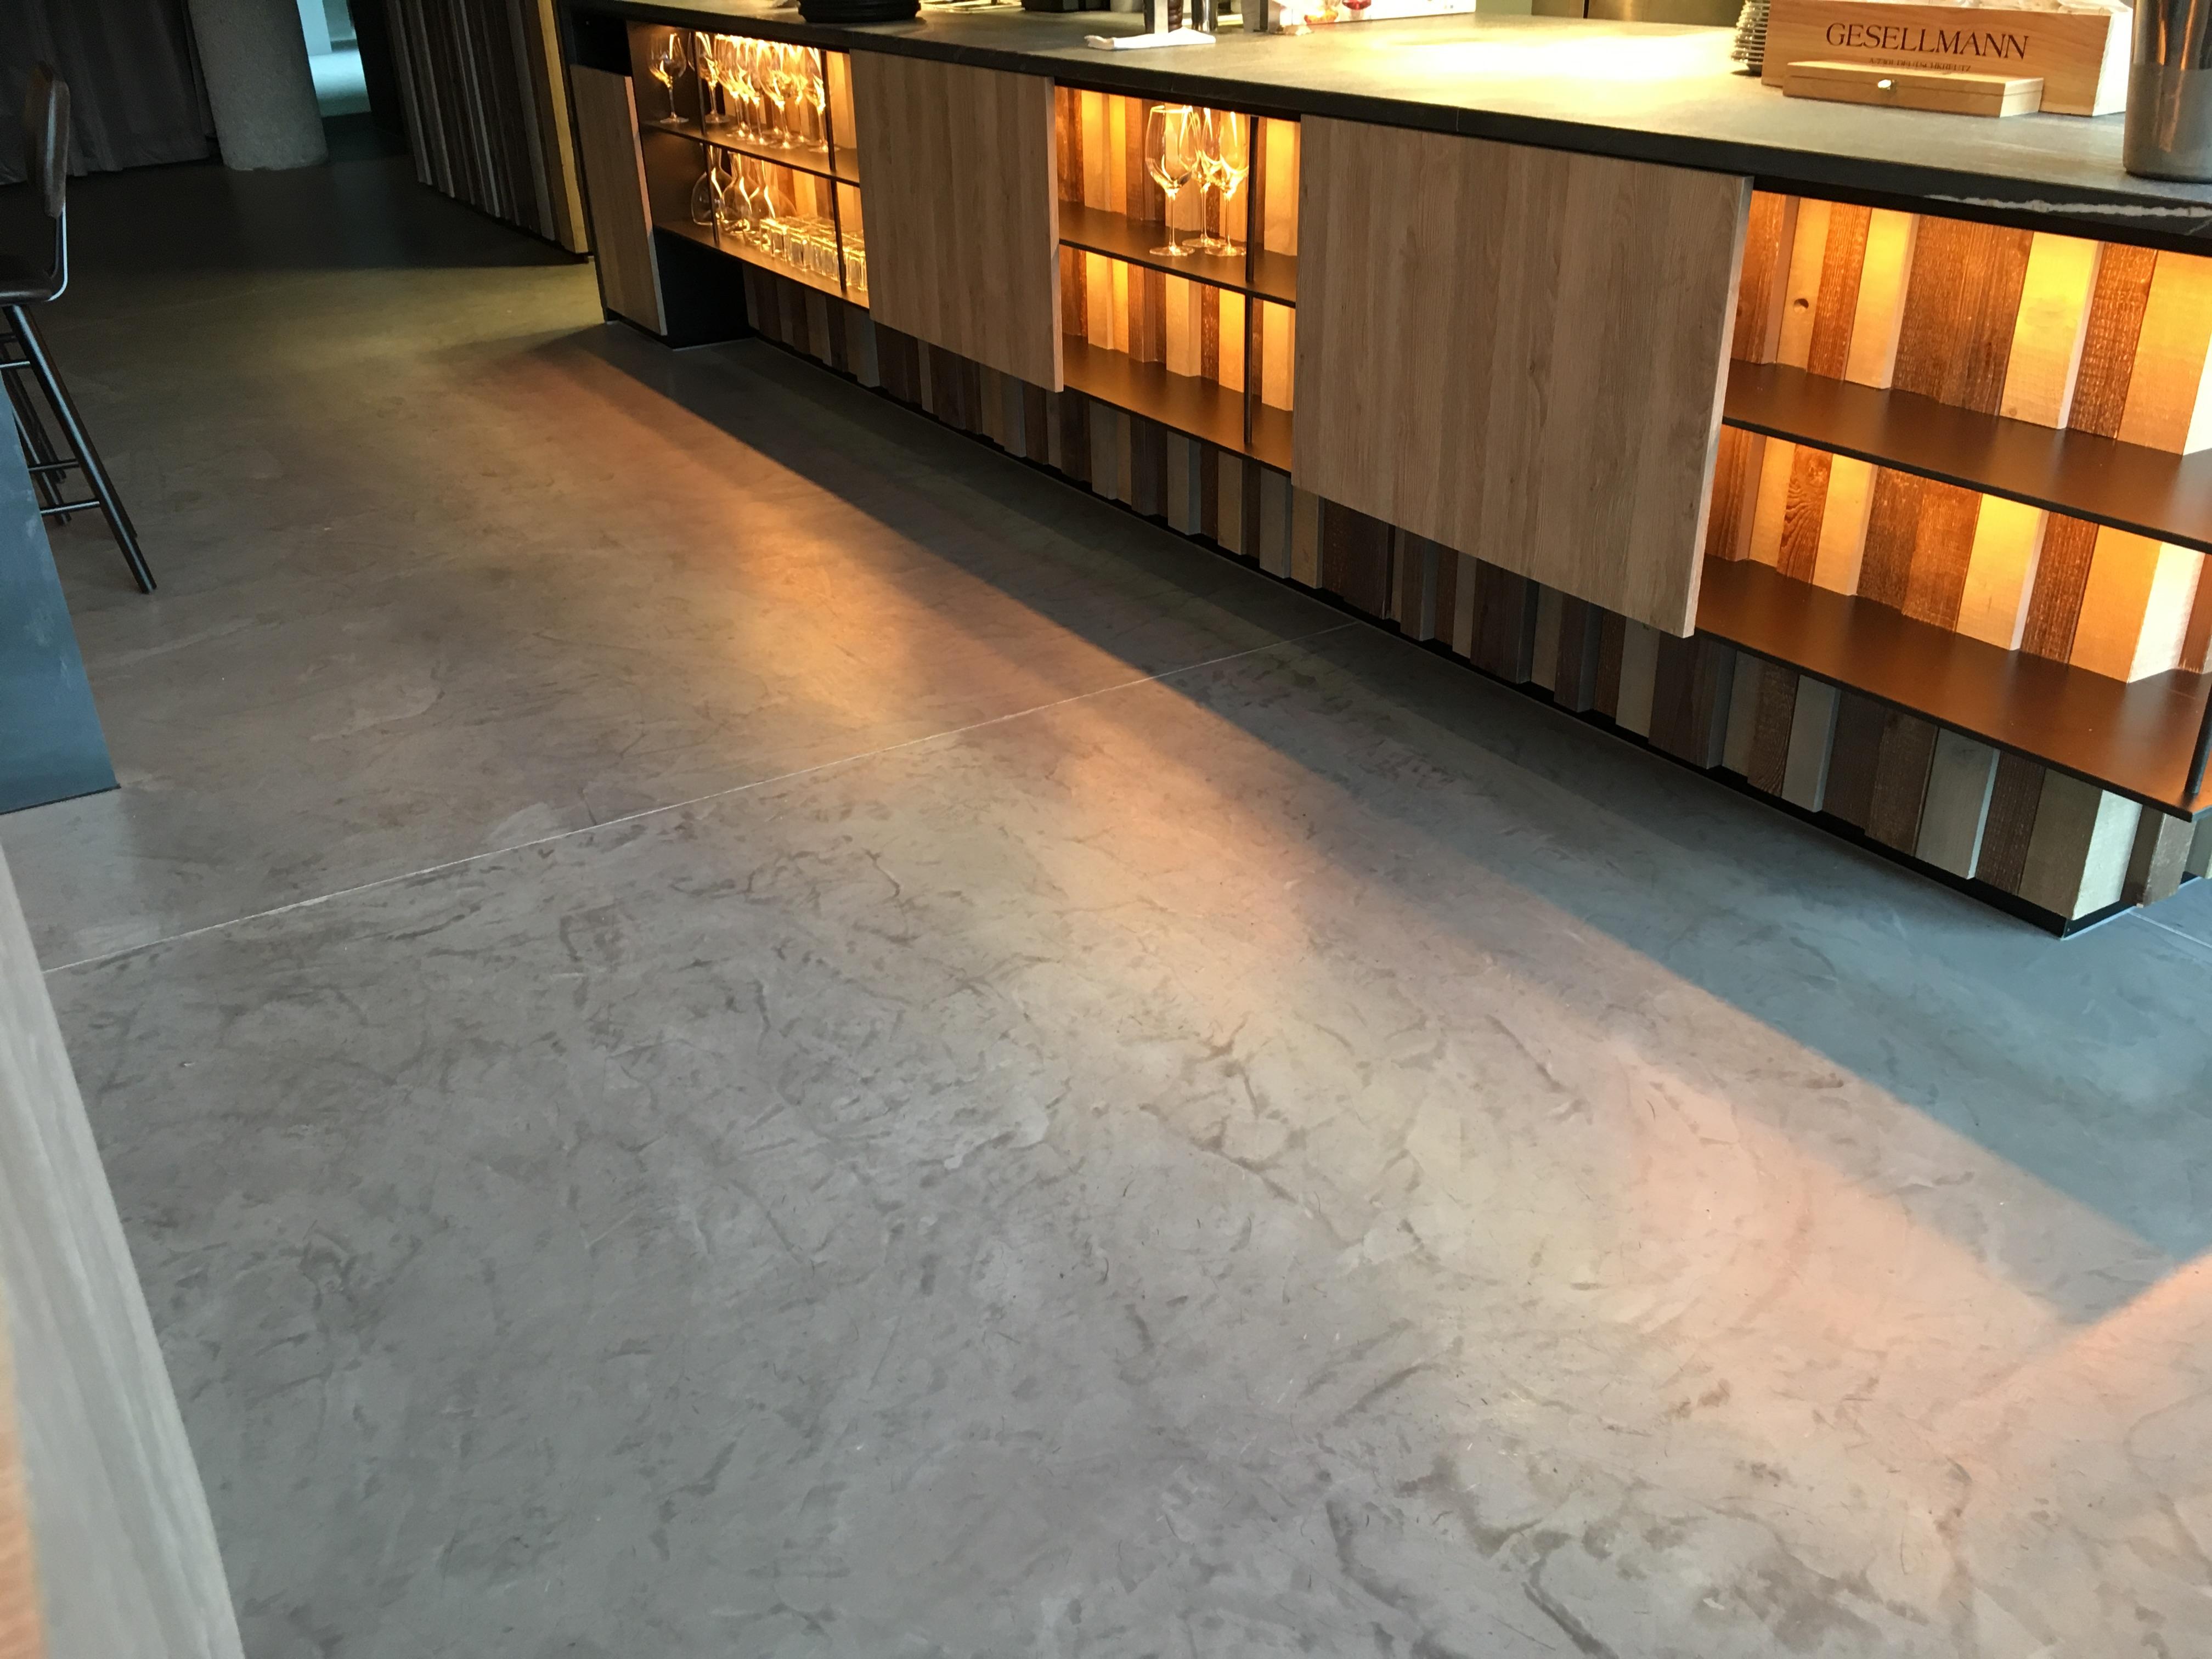 Zementäre Bodenbeschichtung in einem modernen Speiselokal.